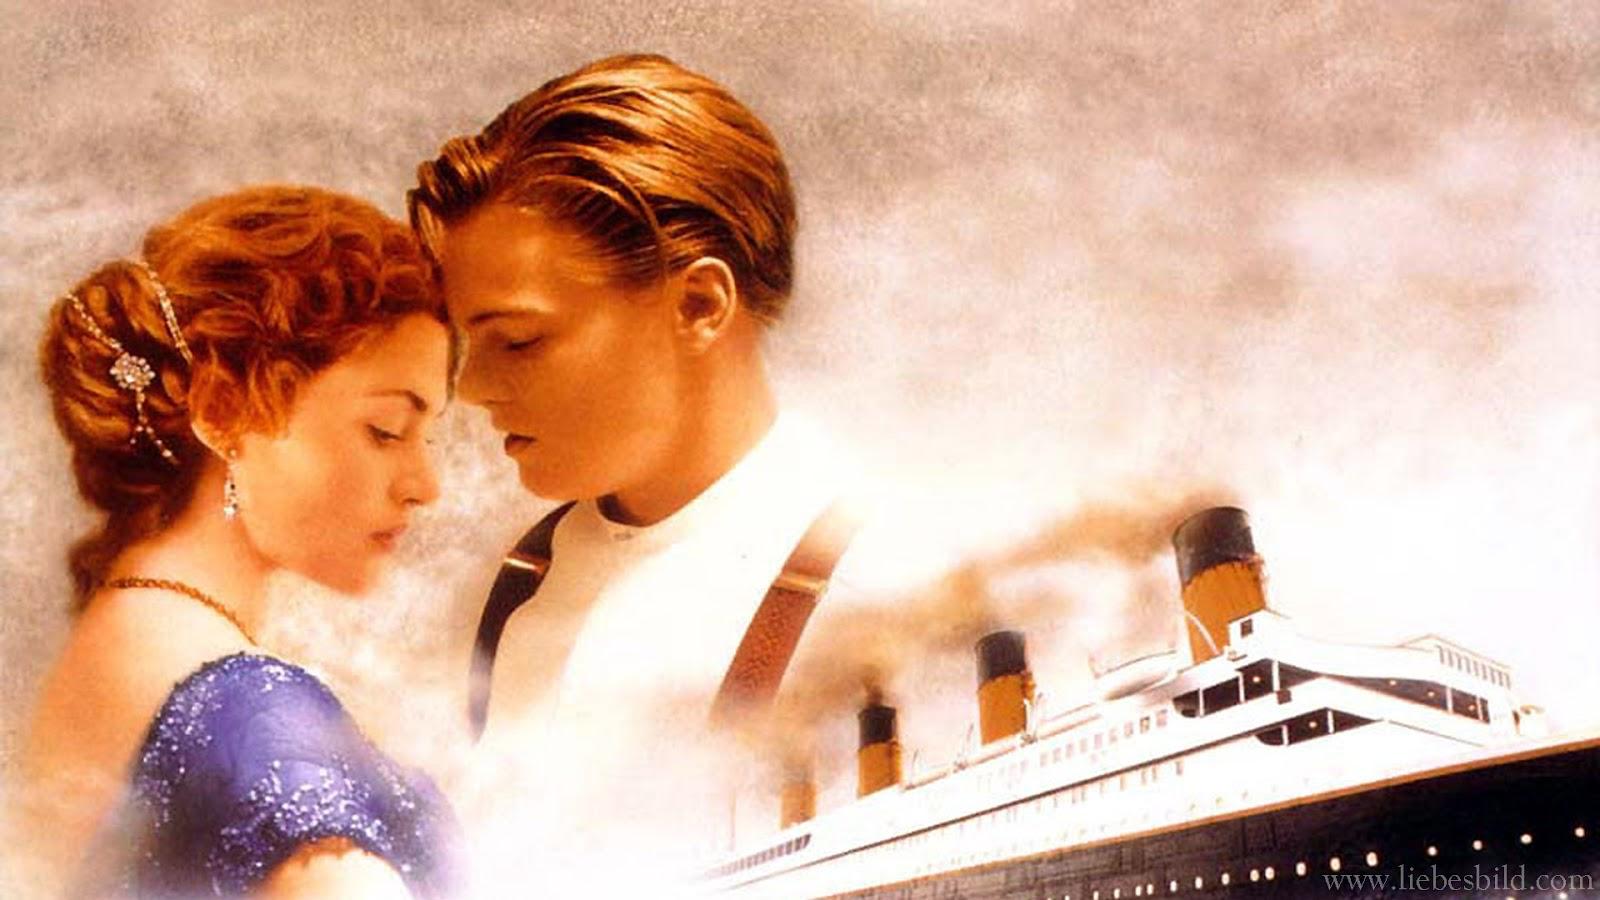 Romantische Liebesbilder